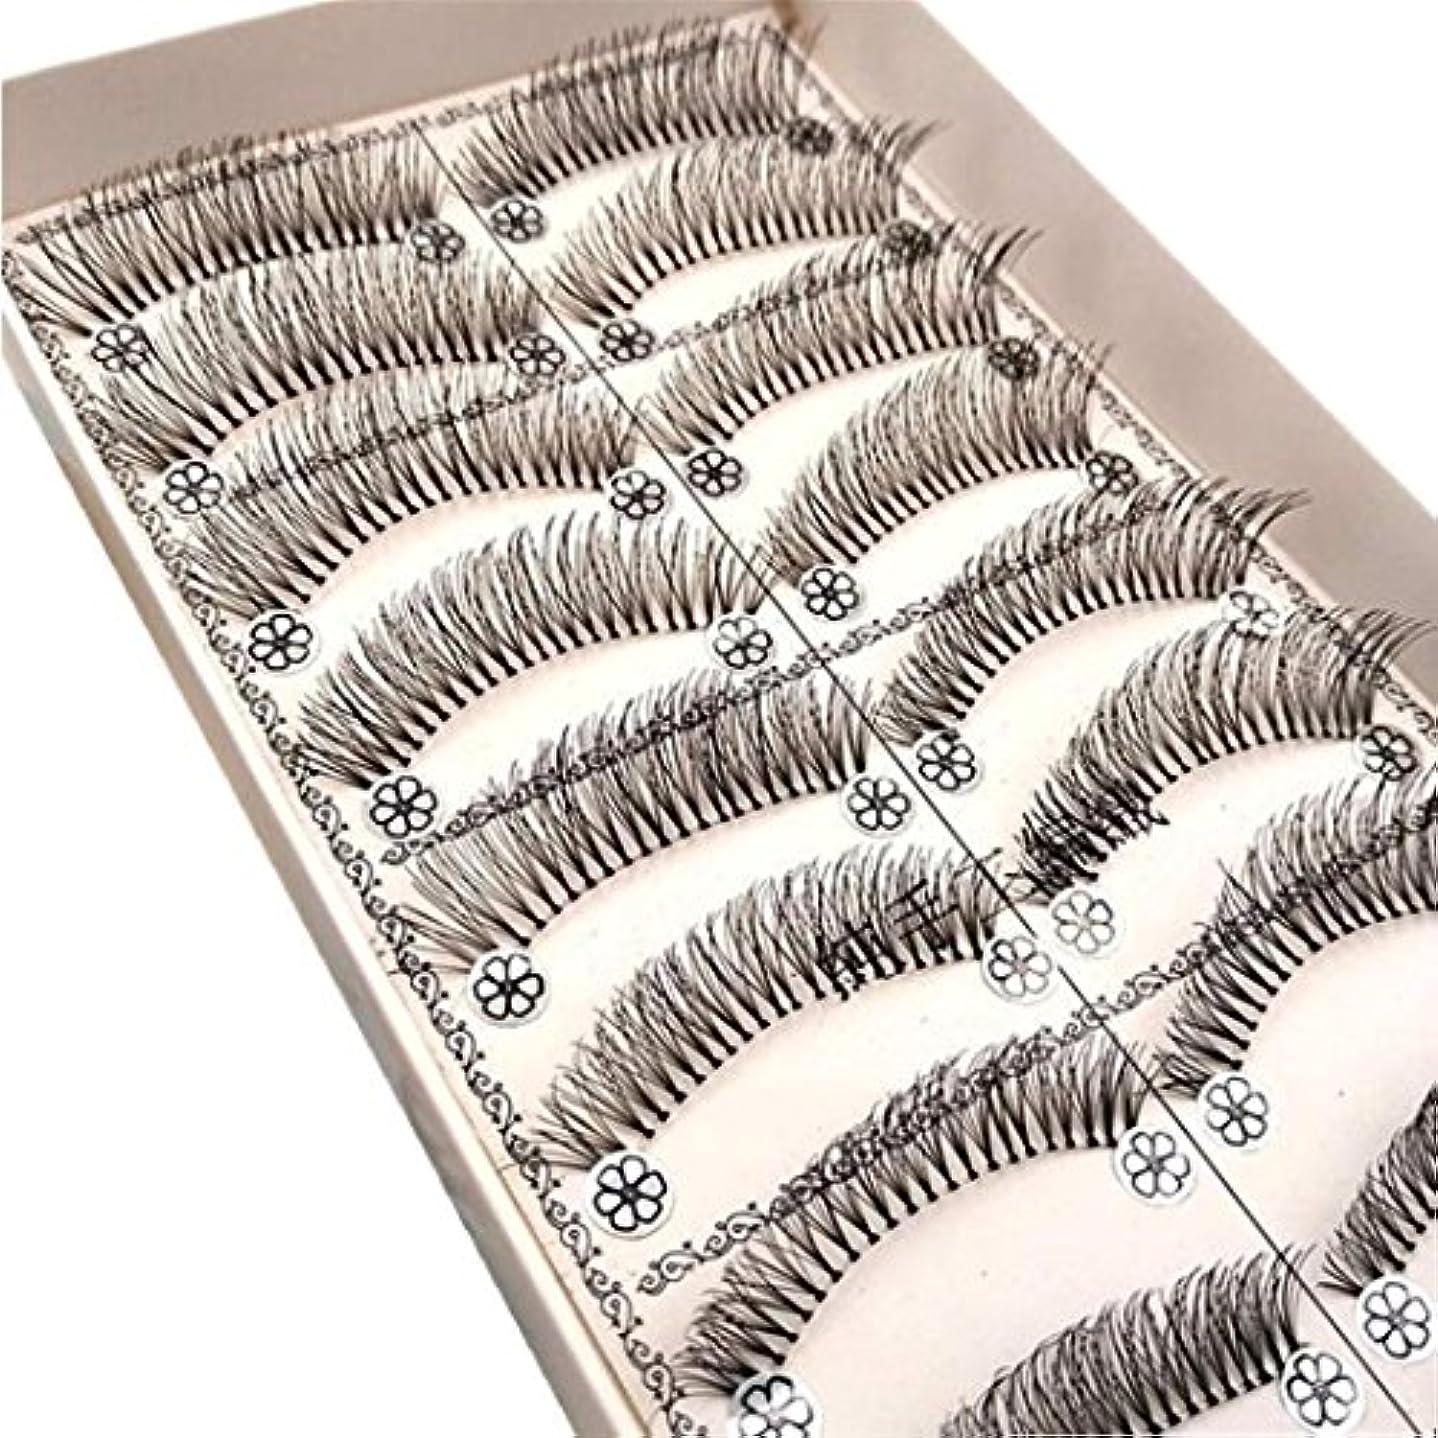 保守的特許理由Feteso 10組 偽のまつげセット つけまつげ 上まつげ Eyelashes アイラッシュ ビューティー まつげエクステ レディース 化粧ツール アイメイクアップ 人気 ナチュラル 飾り 再利用可能 濃密 柔らかい